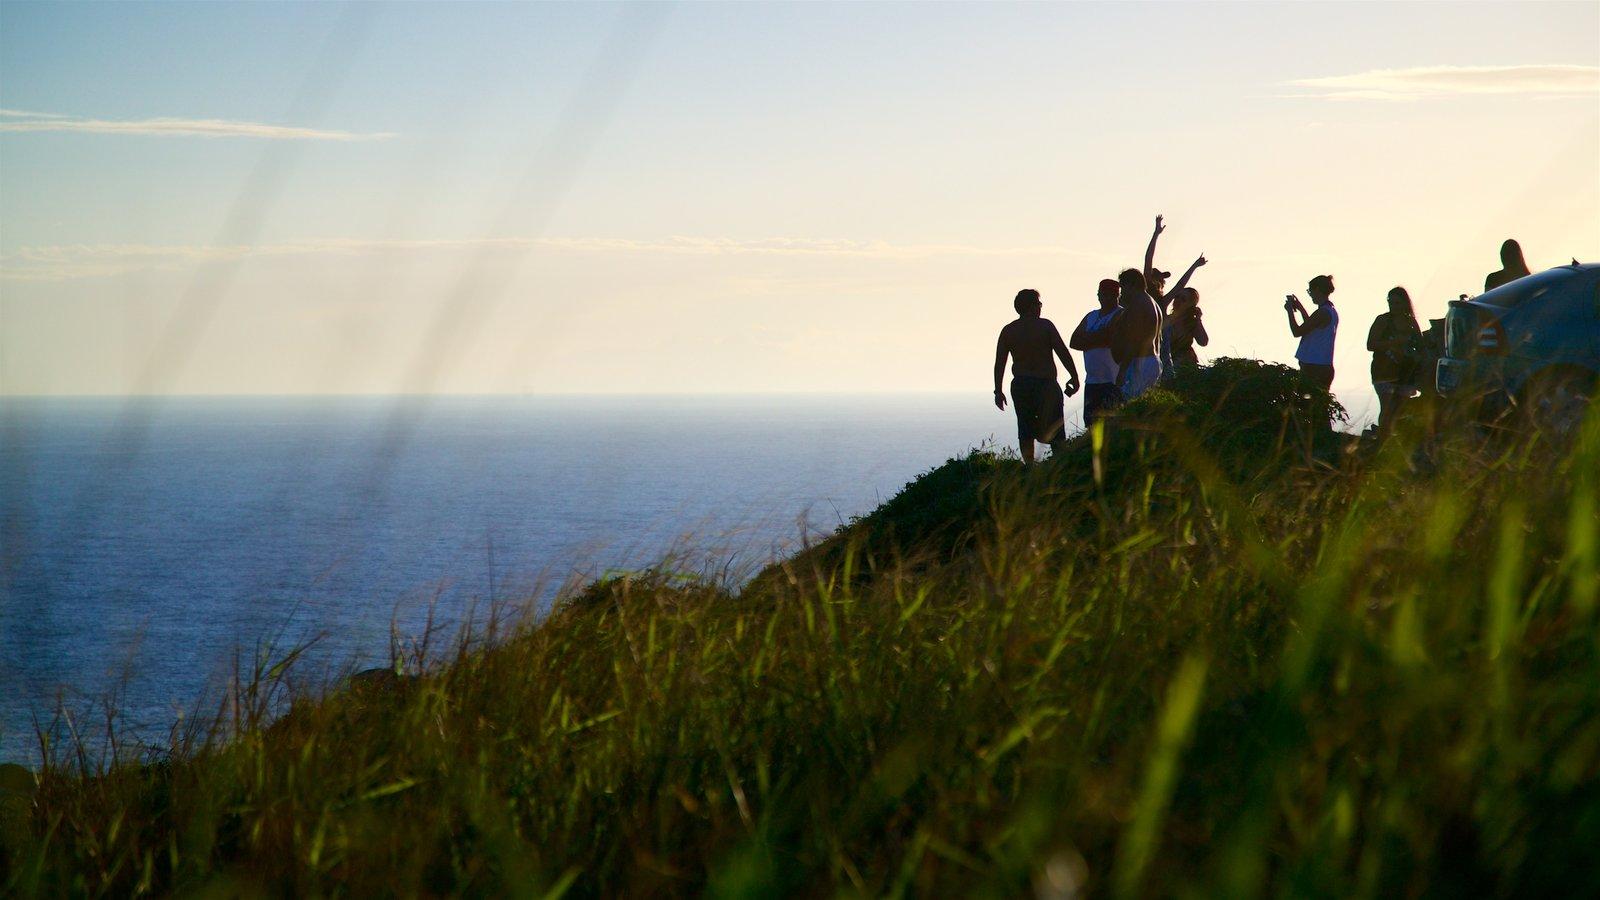 Mirante do Pontal do Atalaia mostrando paisagens litorâneas e um pôr do sol assim como um pequeno grupo de pessoas